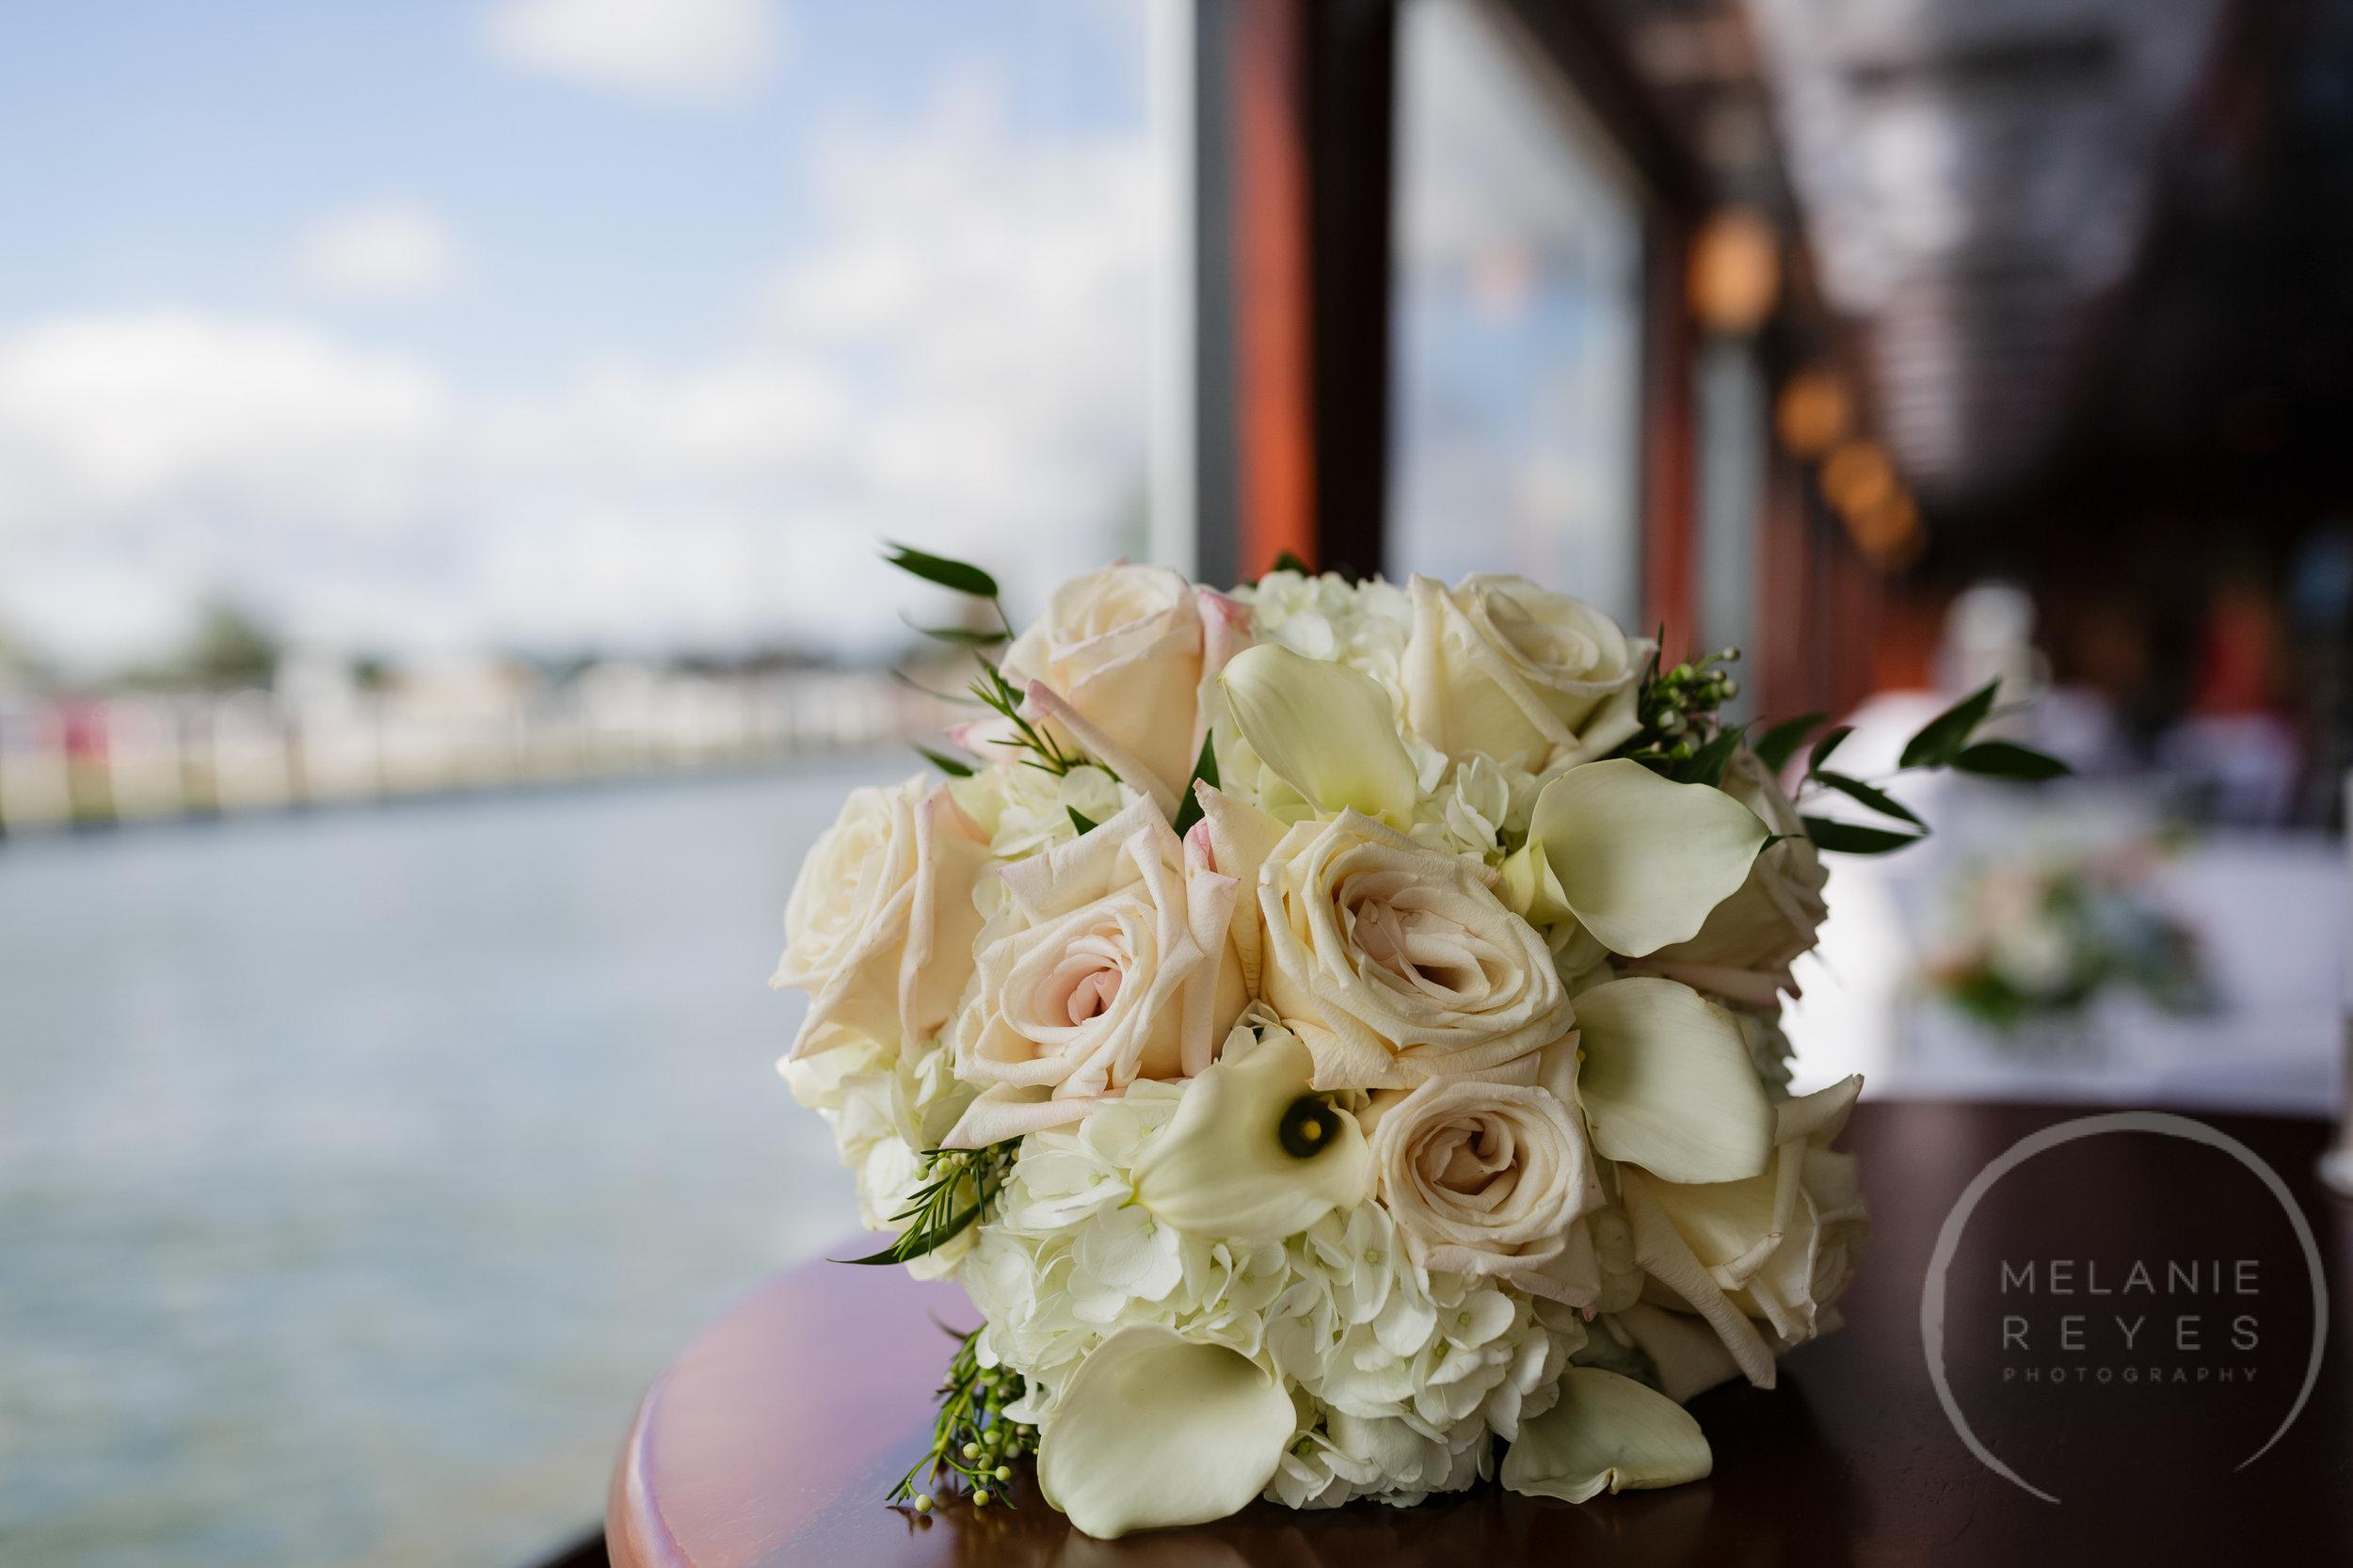 infinity_ovation_yacht_wedding_detroit_melaniereyes15.jpg